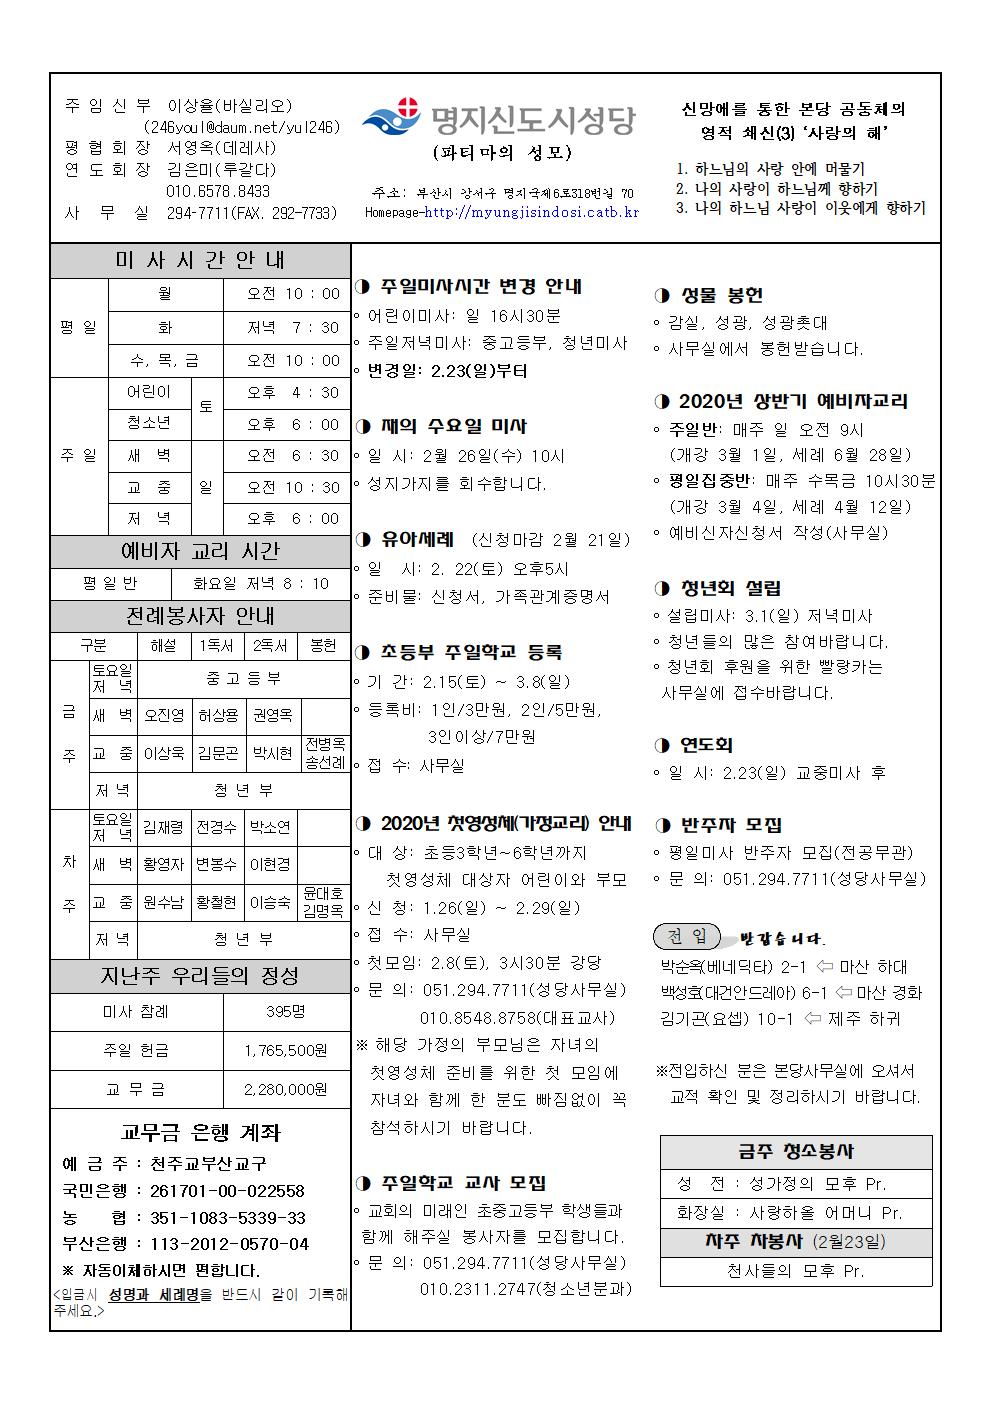 명지신도시20200216001.png